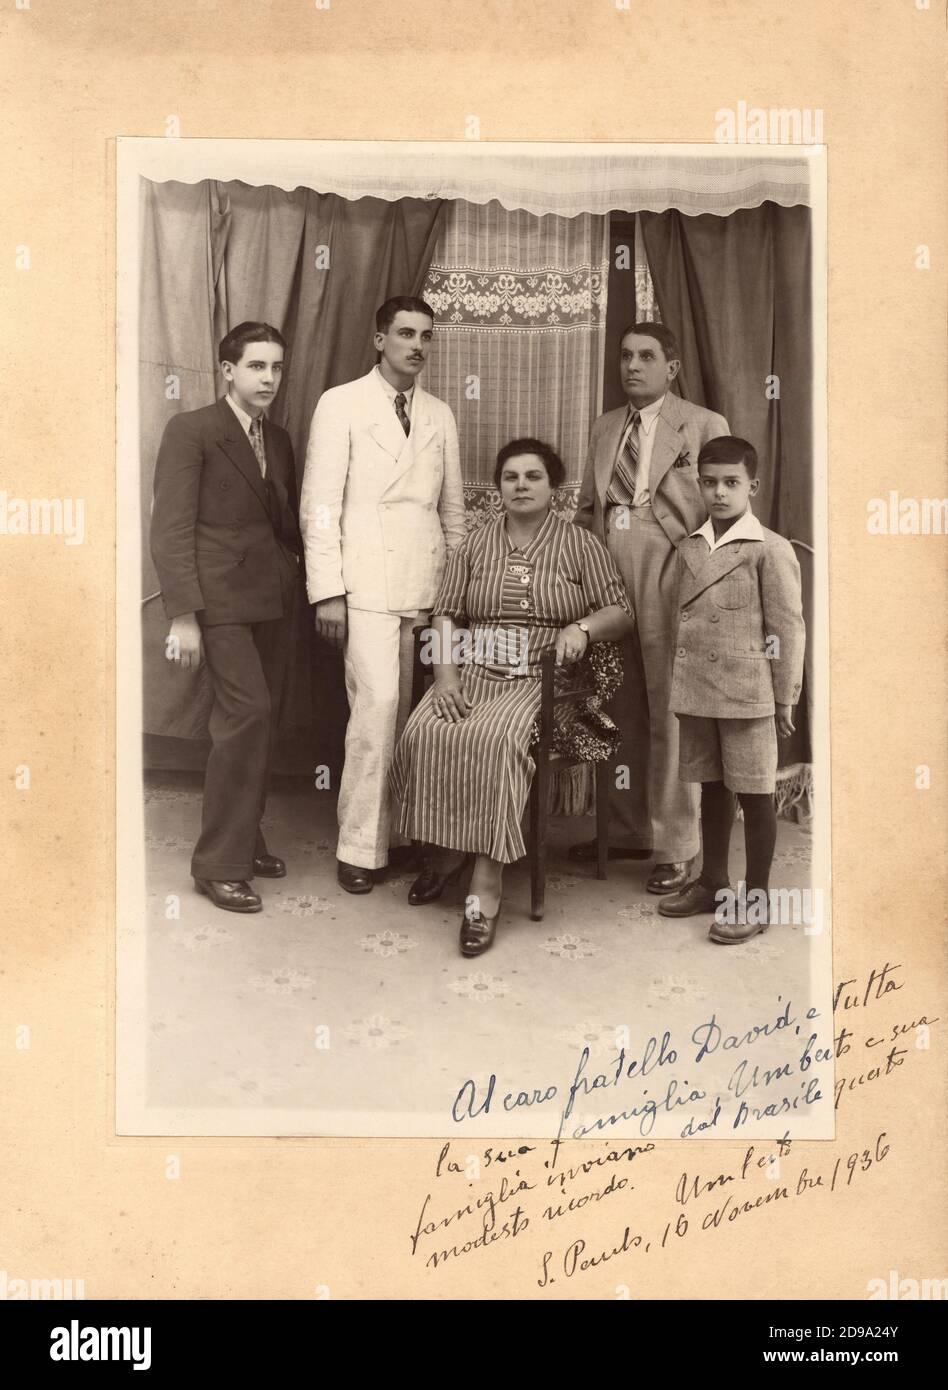 1936, San Paulo, BRAZIL :  An italian emigrants family , of JEWISH religion , send to italian relatives a photo group with dedication  - BRASILE - EBREI - EBREO - EBRAICO - EBRAISMO  - EMIGRANTS - EMIGRAZIONE -  EMIGRANTE - EMIGRANTI ITALIANI  - ITALIA  - FOTO STORICHE - HISTORY - portrait - ritratto  -  IMMIGRANTS  - Immigranti - FAMILY - FAMIGLIA  -  bambini - bambino - INFANZIA - CHILDHOOD - child - children  - FASHION - MODA - ANNI TRENTA - 30's - '30 -  tie - cravatta - colletto - collar - anello - anelli - rings - figli - sons - brothers - fratelli - fratello - matriarca - matriarcato - Stock Photo